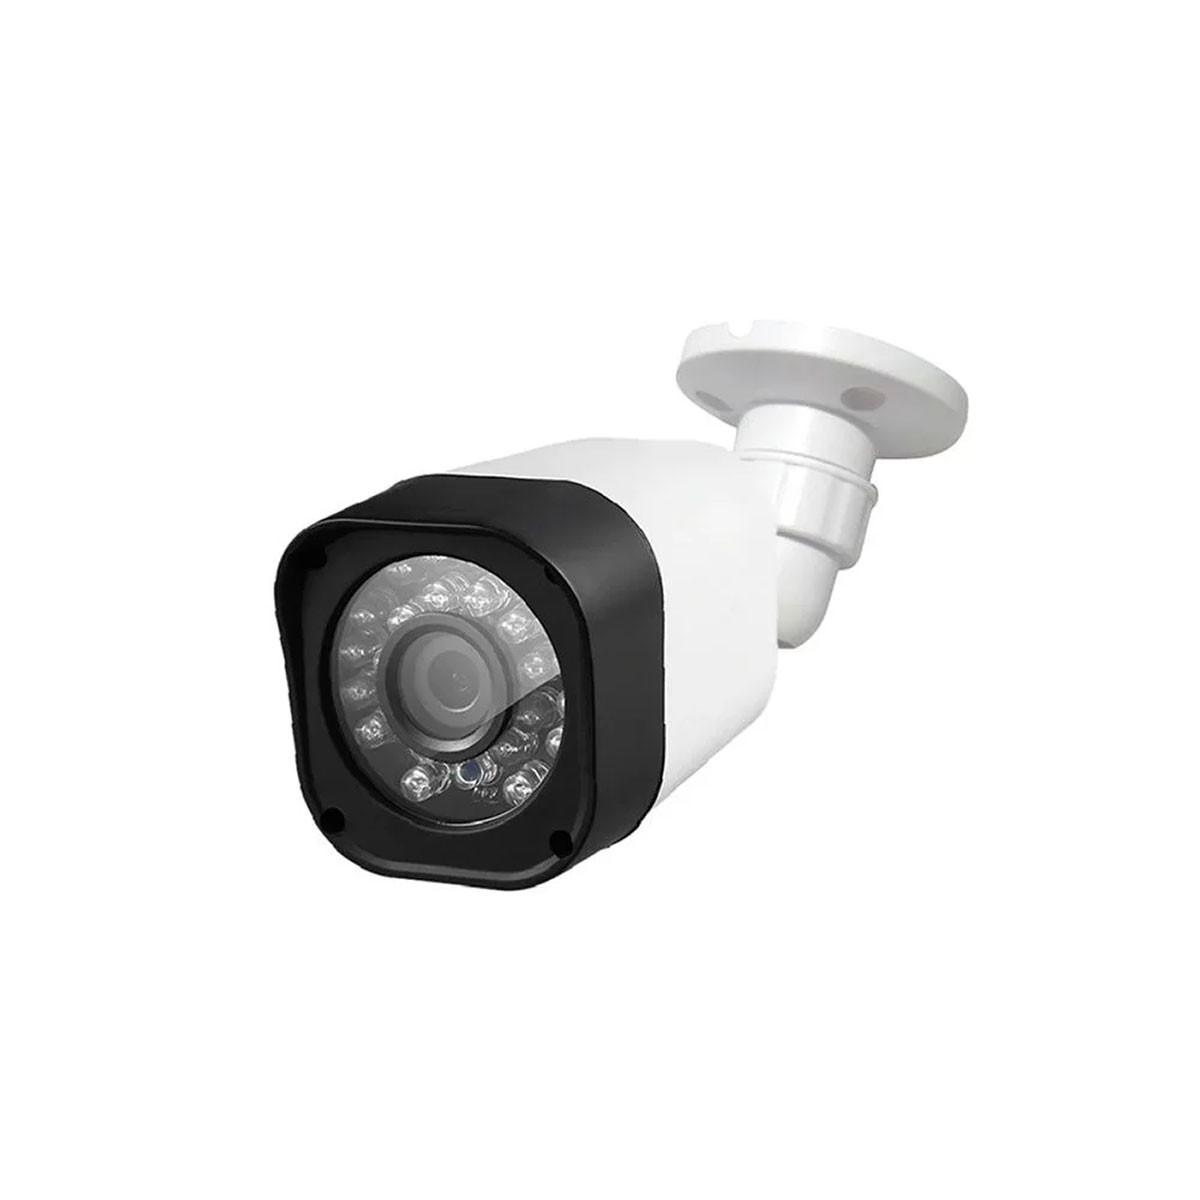 Kit 7 Cameras Infra Full Hd 1080p Bullet Externa Completo